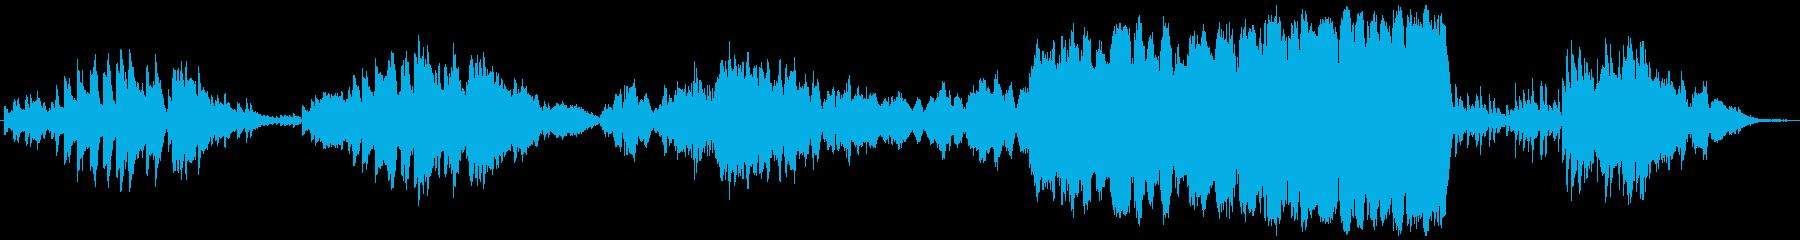 感動的な旋律のオーケストラの再生済みの波形